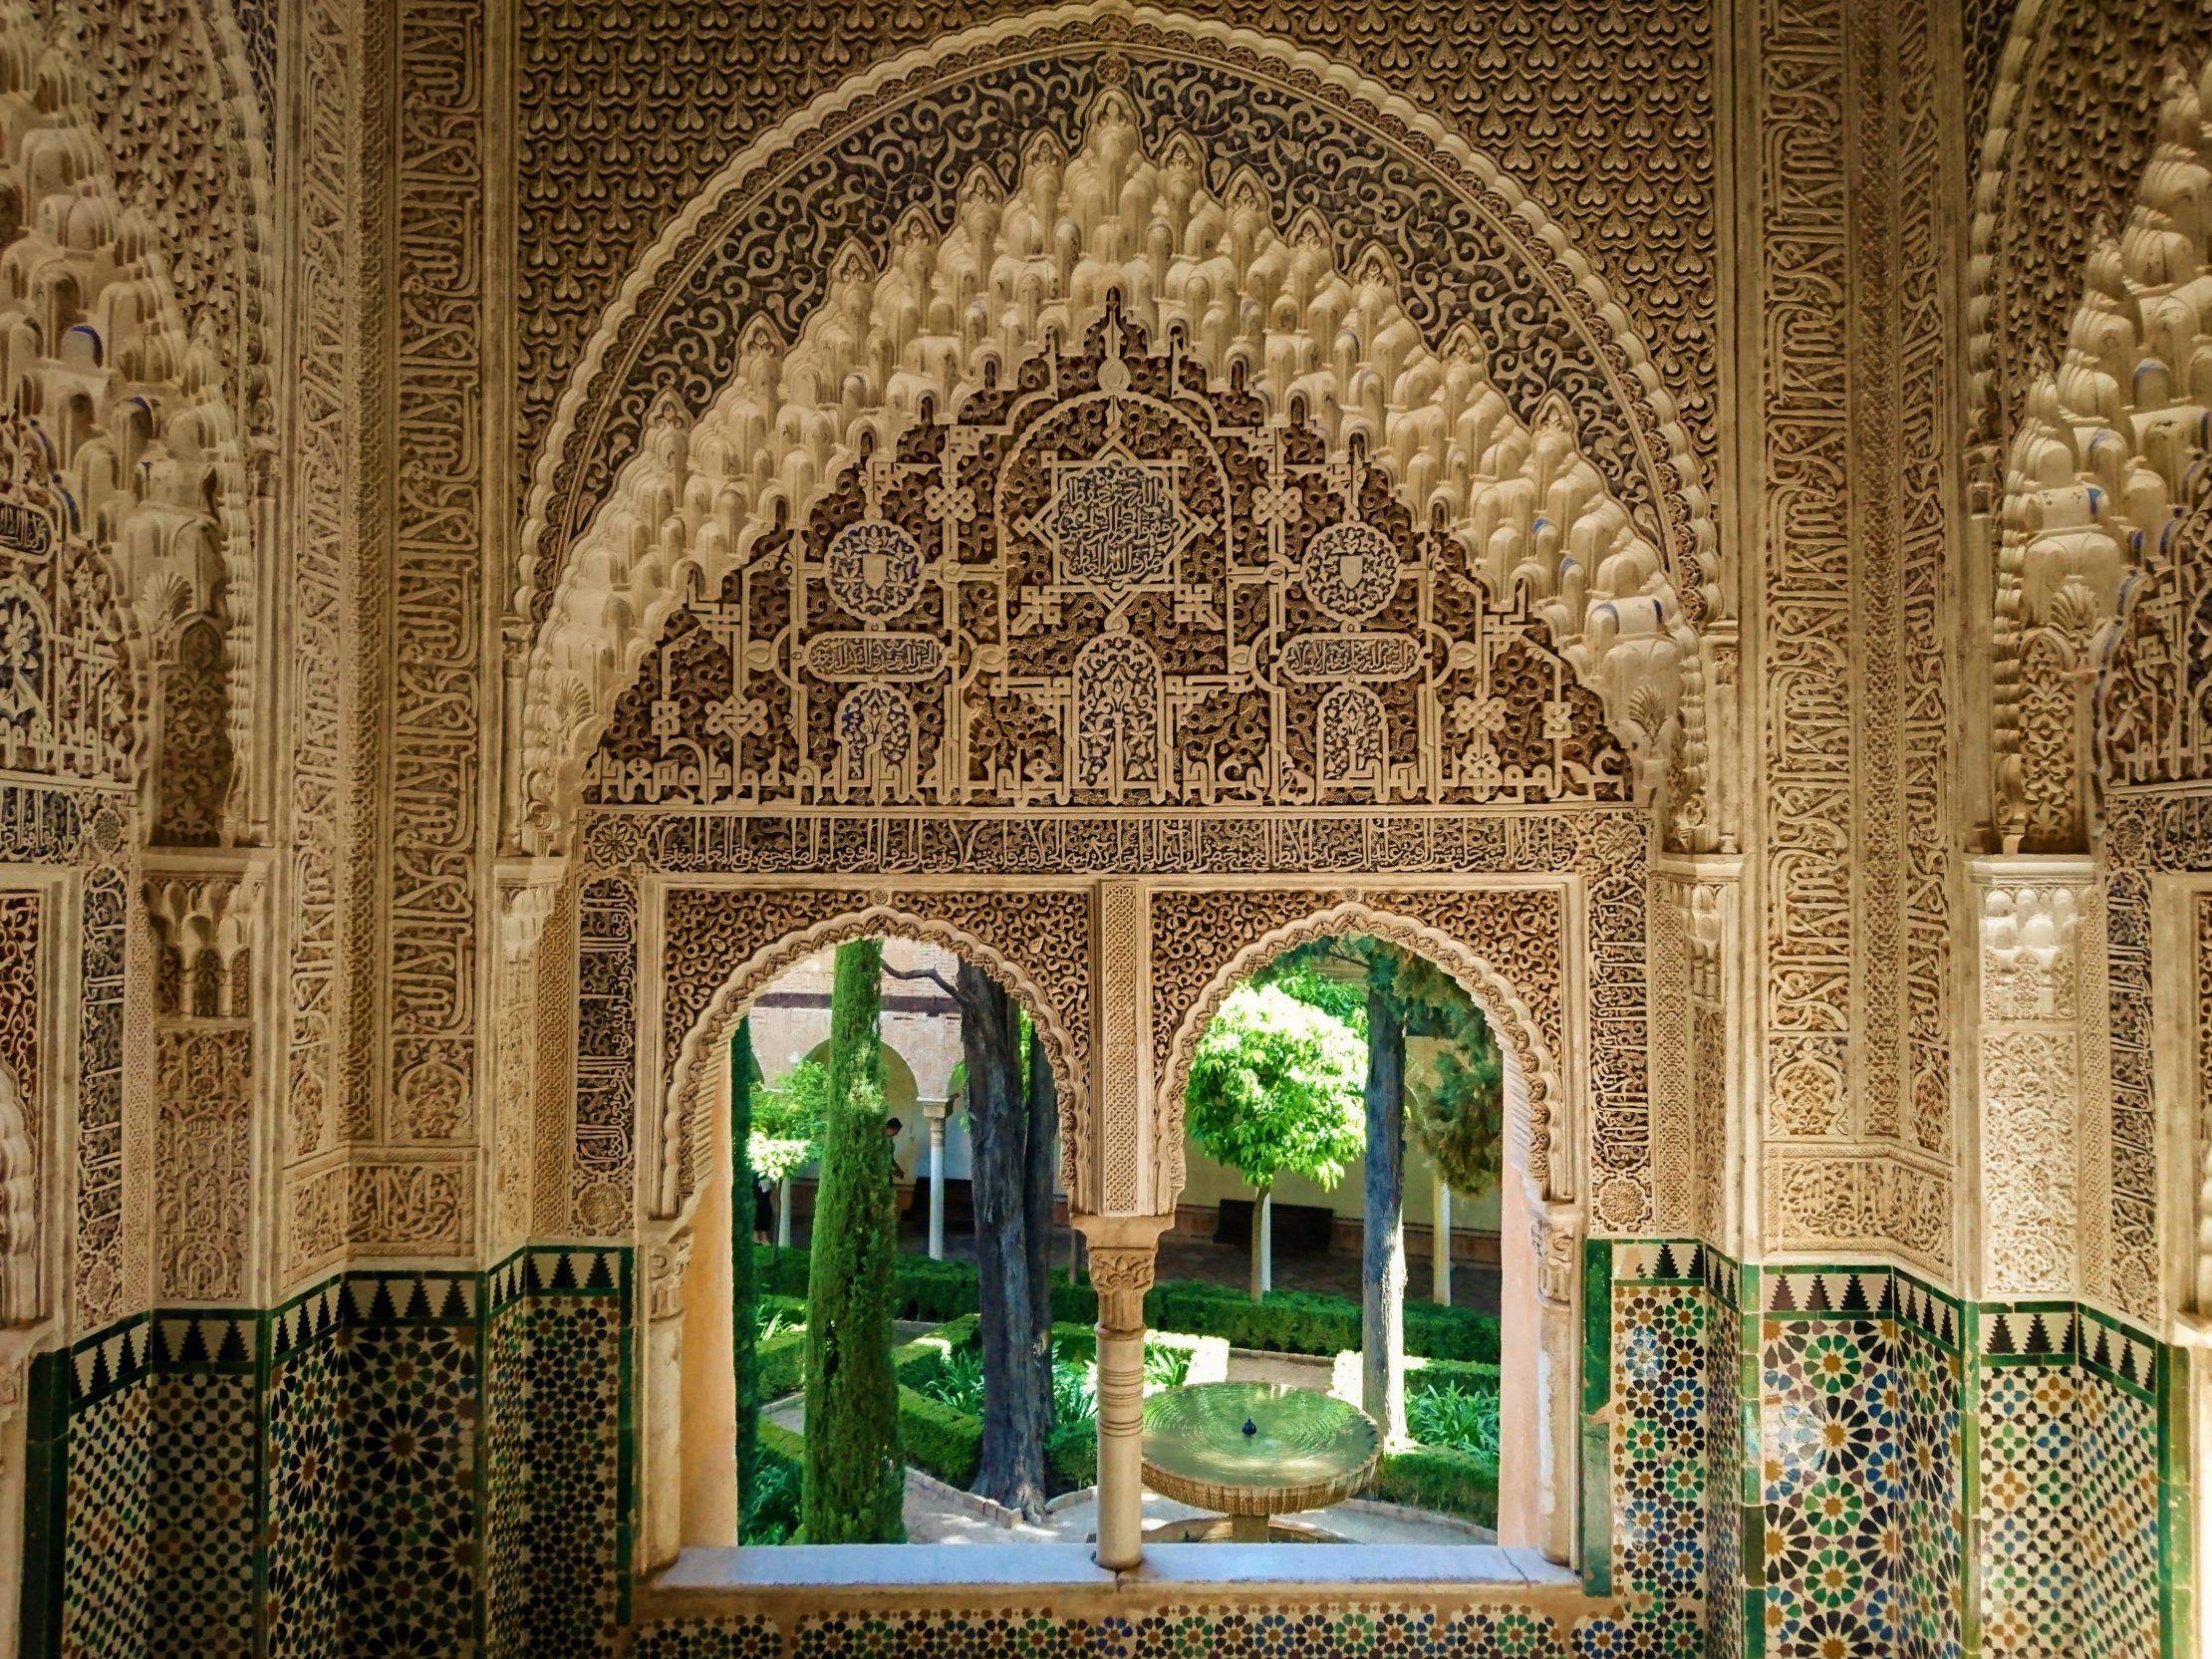 The Alhambra in Granada - the complete guide